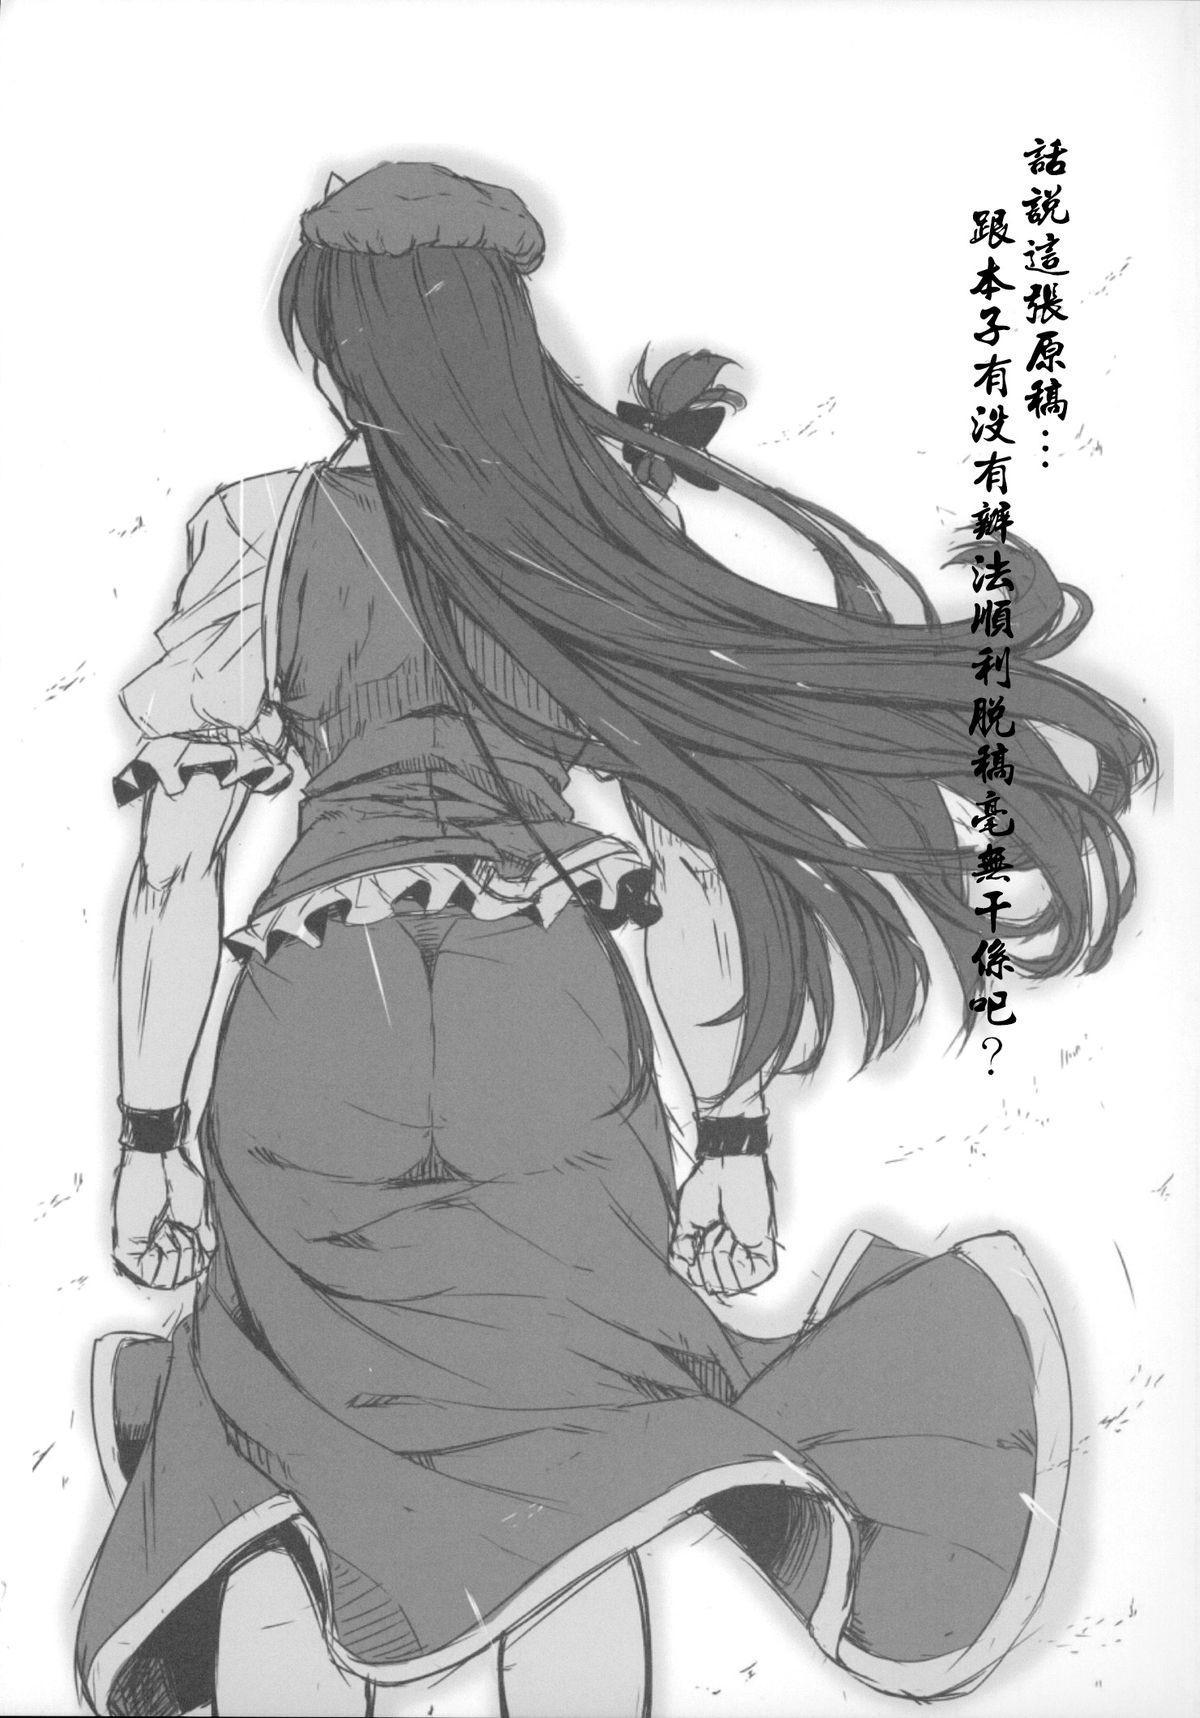 MeiSaku Choukyou Nikki 23